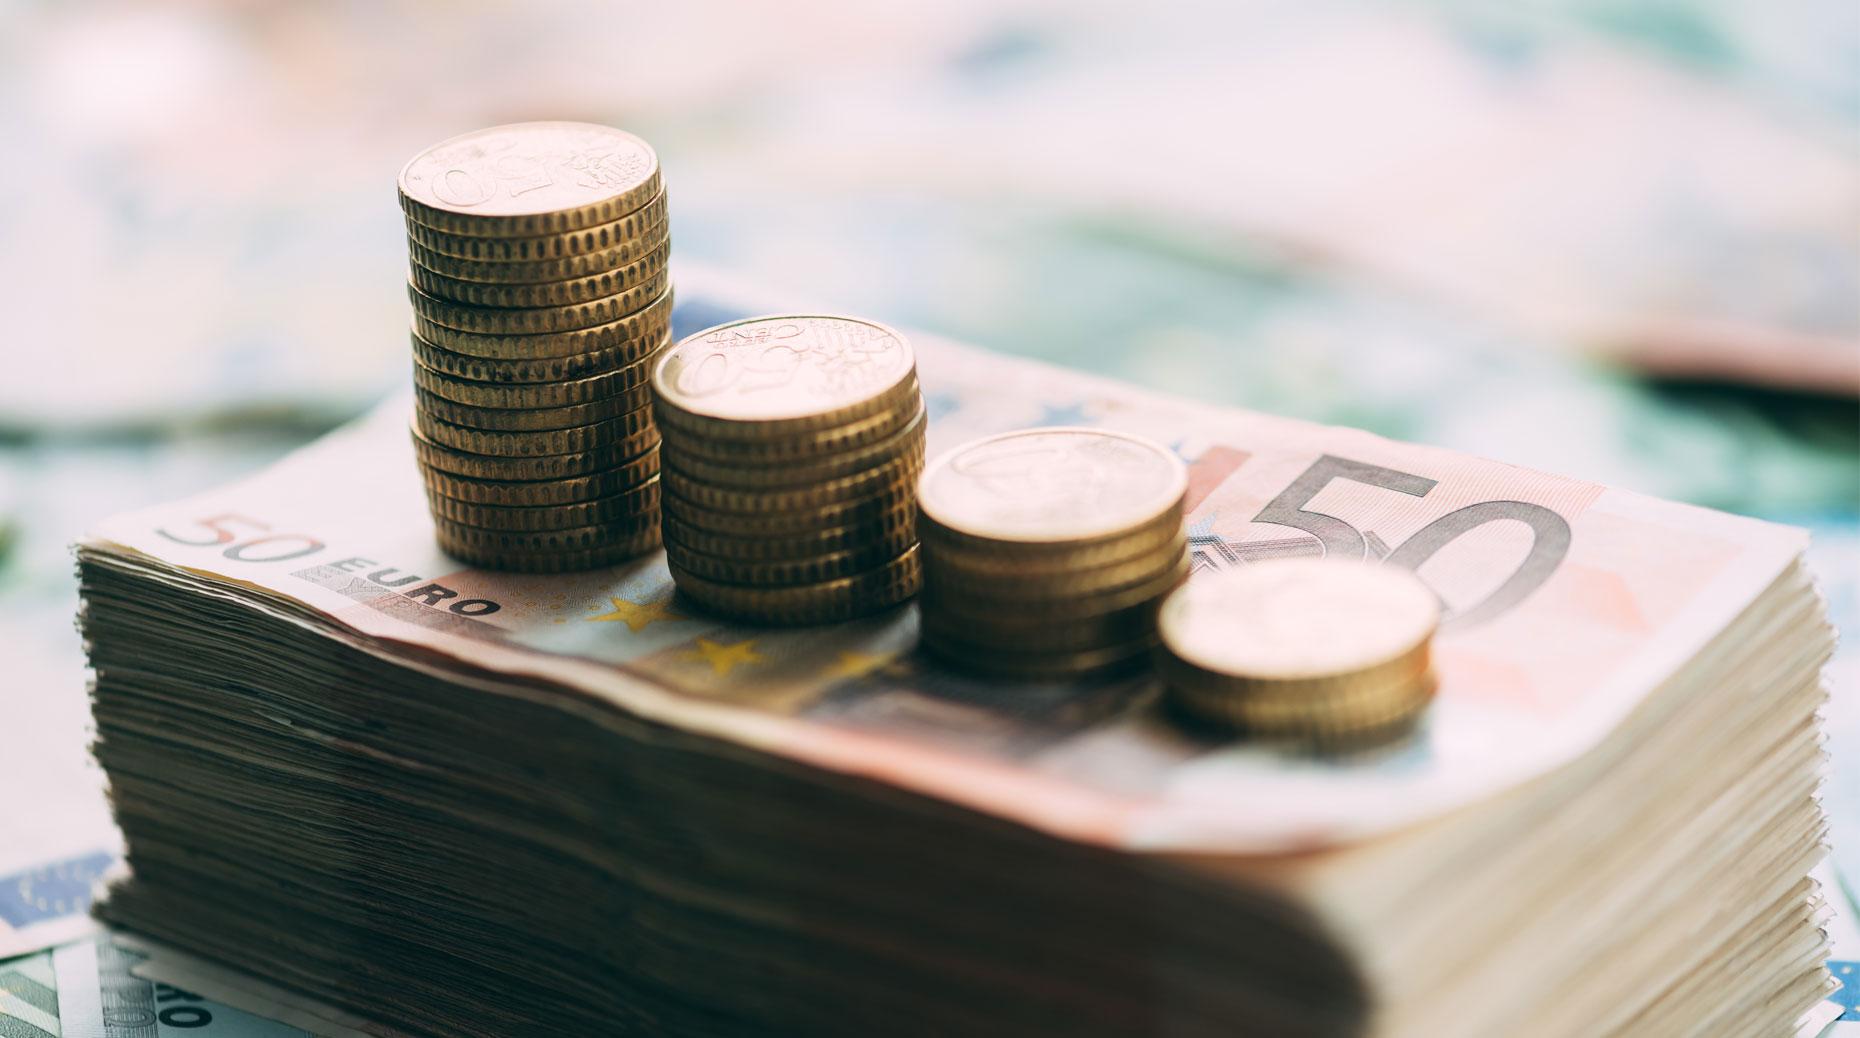 Épargne : Les ménages accumulent un surplus de 157Mds d'euros